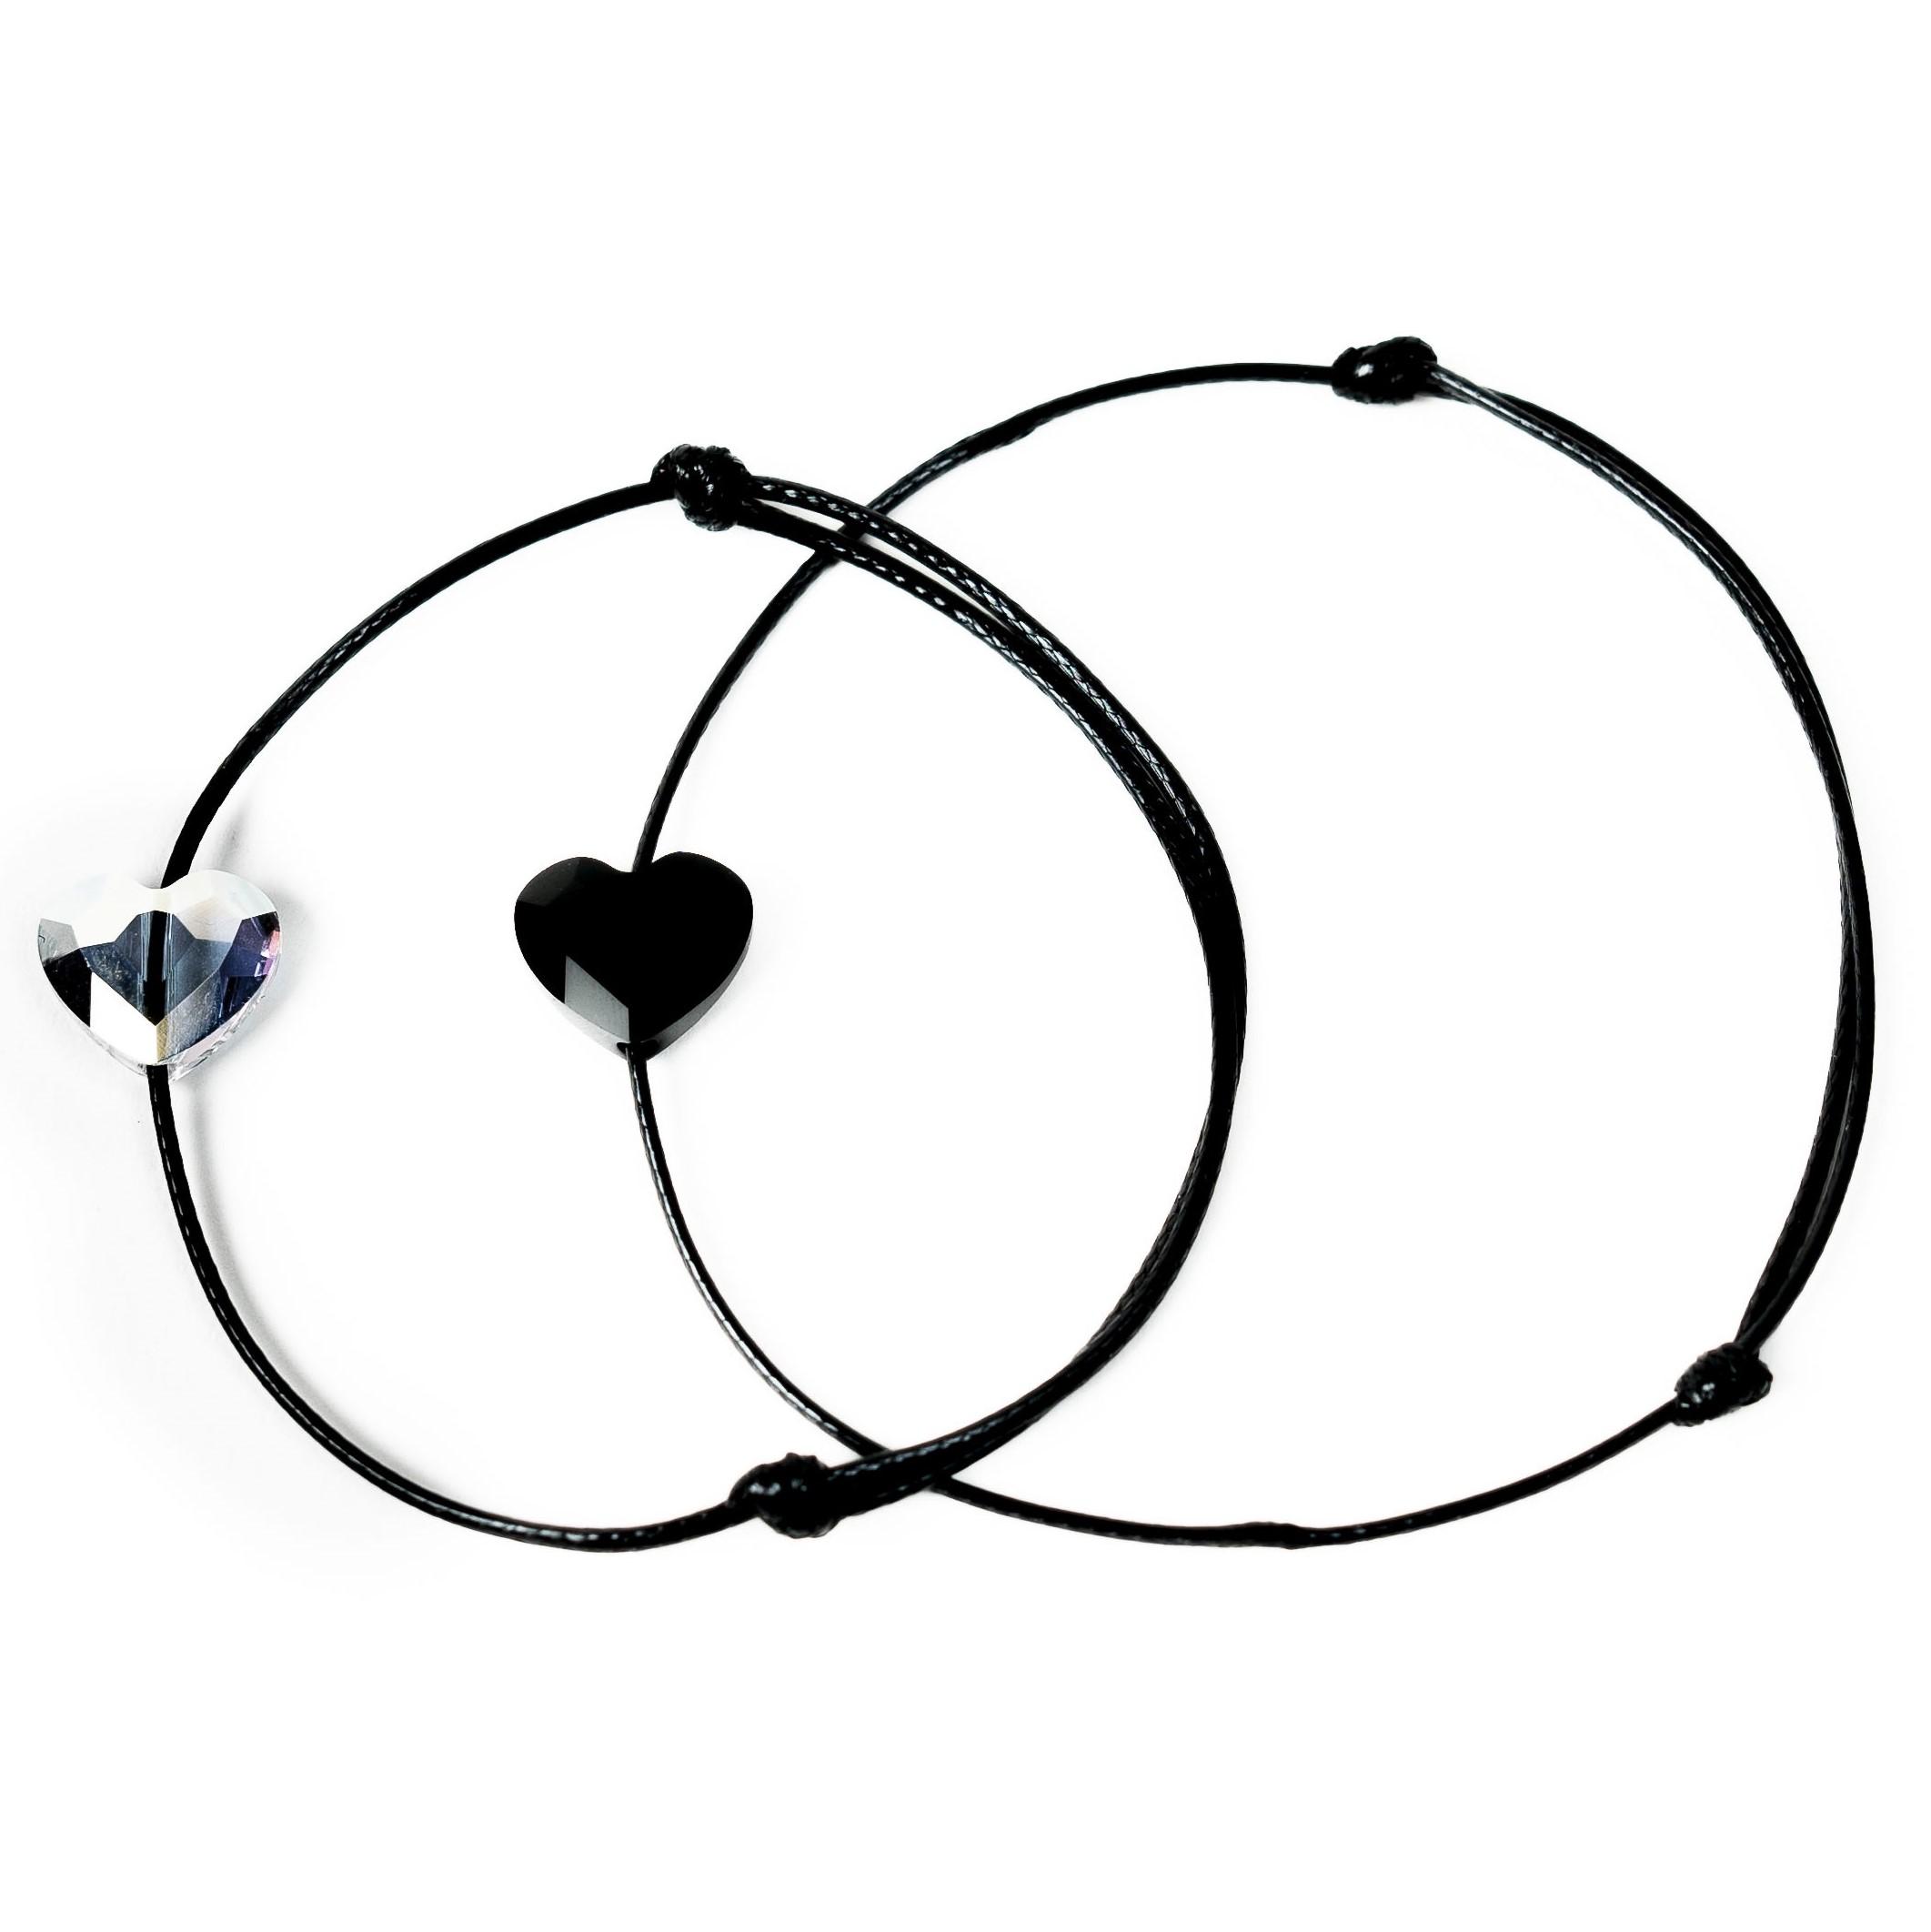 Šňůrkové náramky párové - černé a perleťové srdíčko